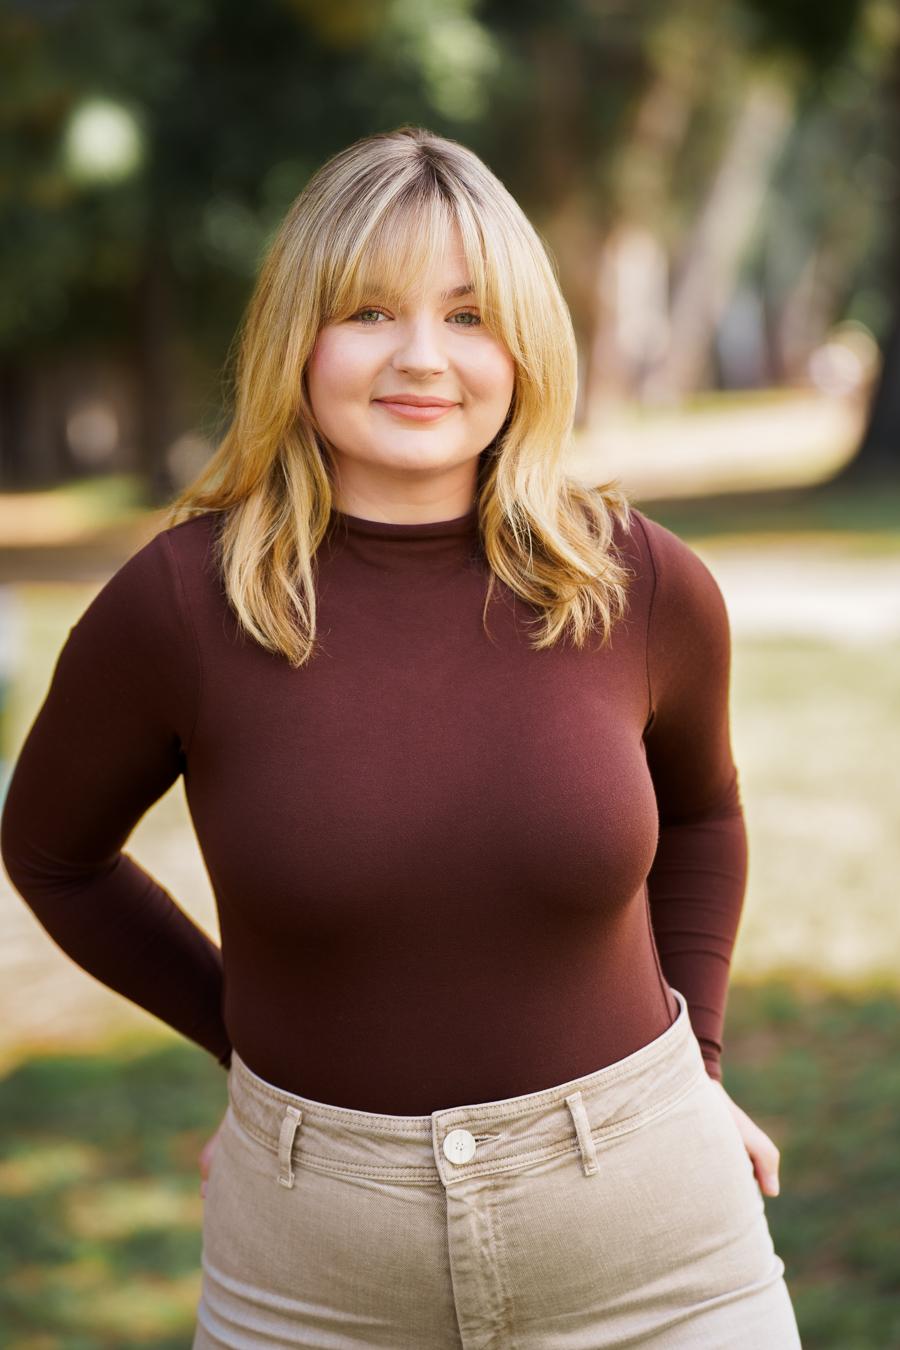 image of blog author blonde female